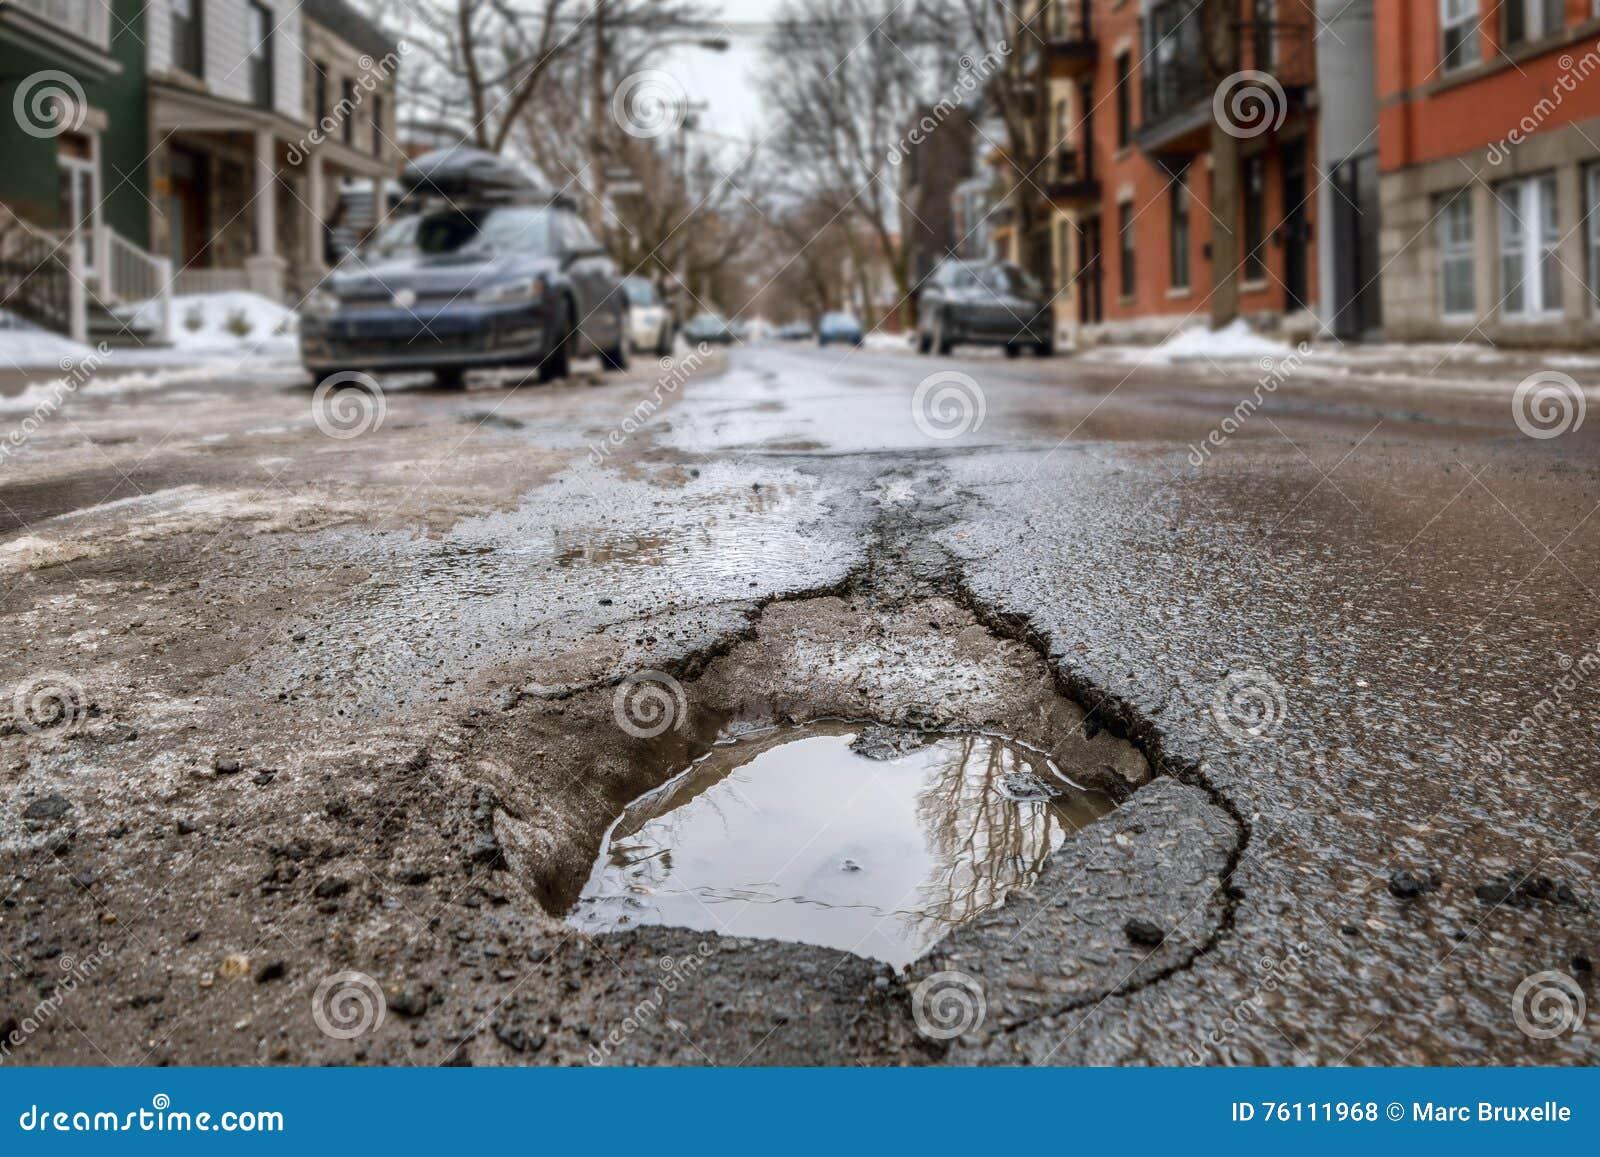 Large deep pothole